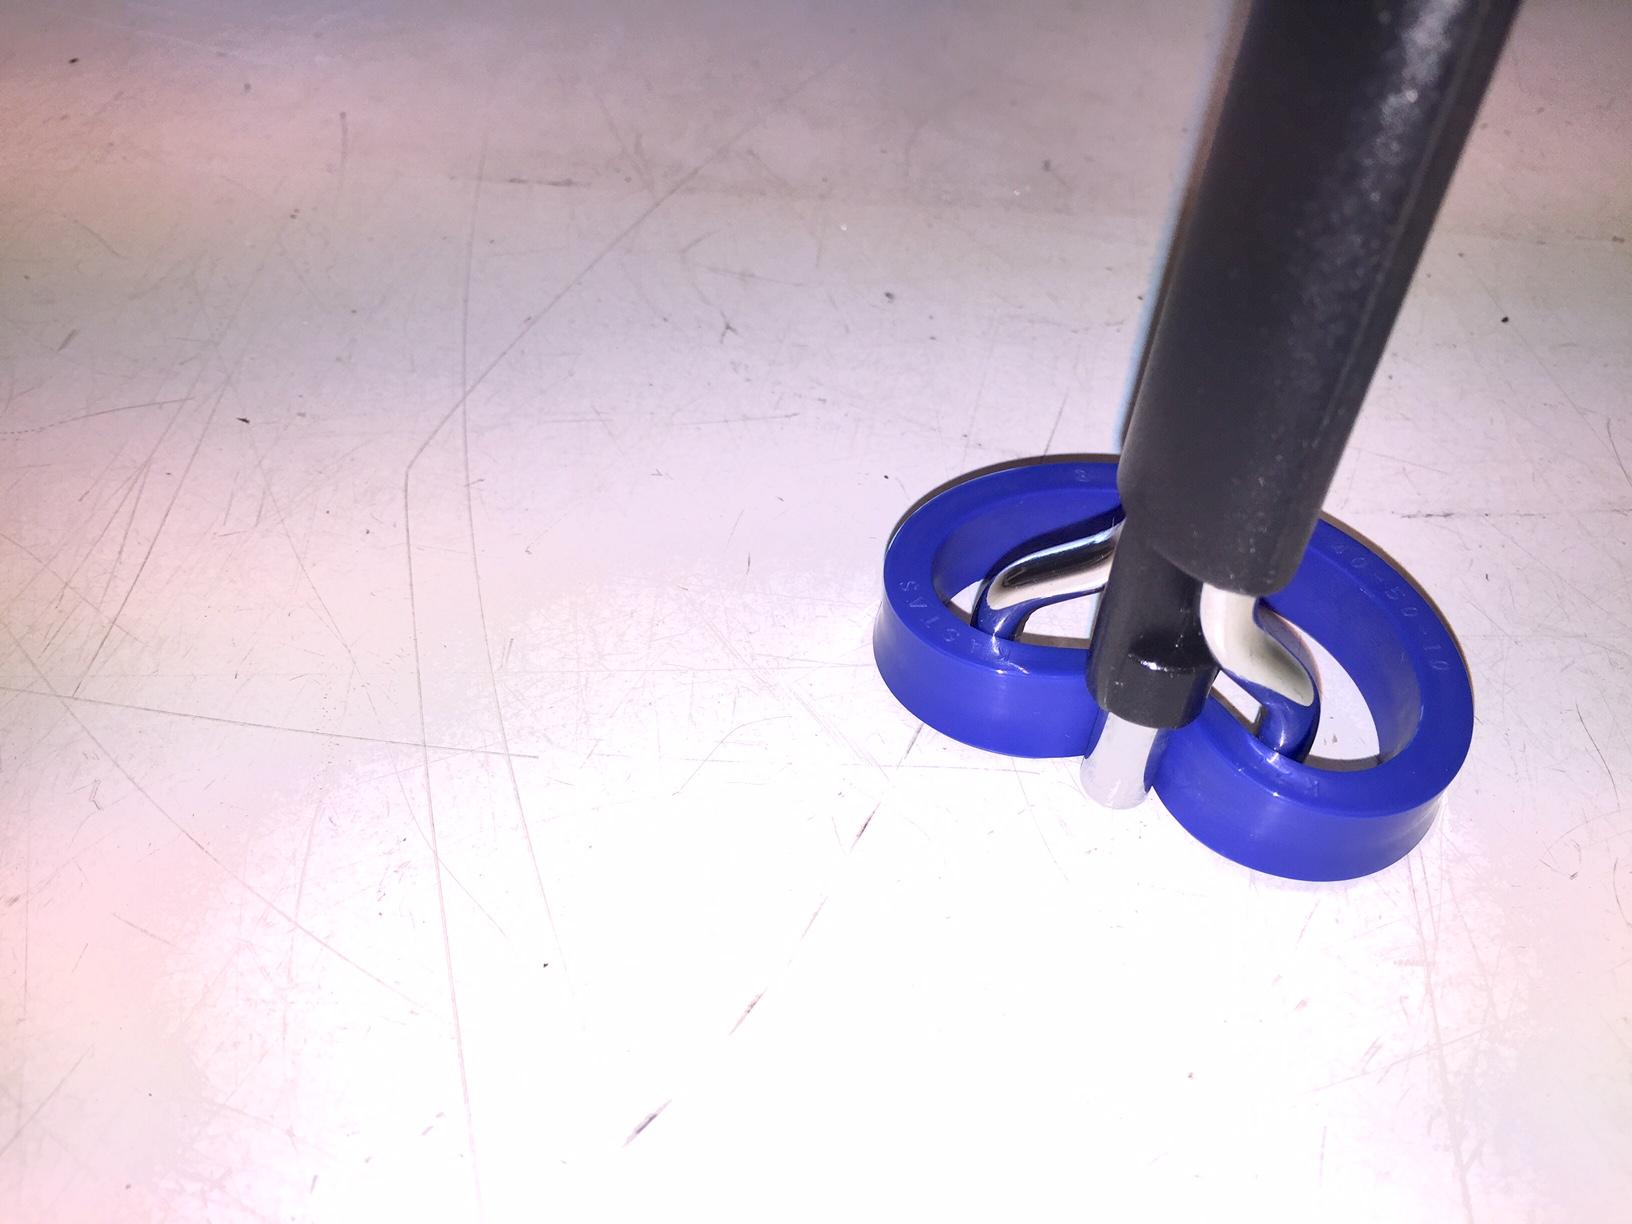 2, Snurra ihop tätningen genom att vrida på verktygets handtag.